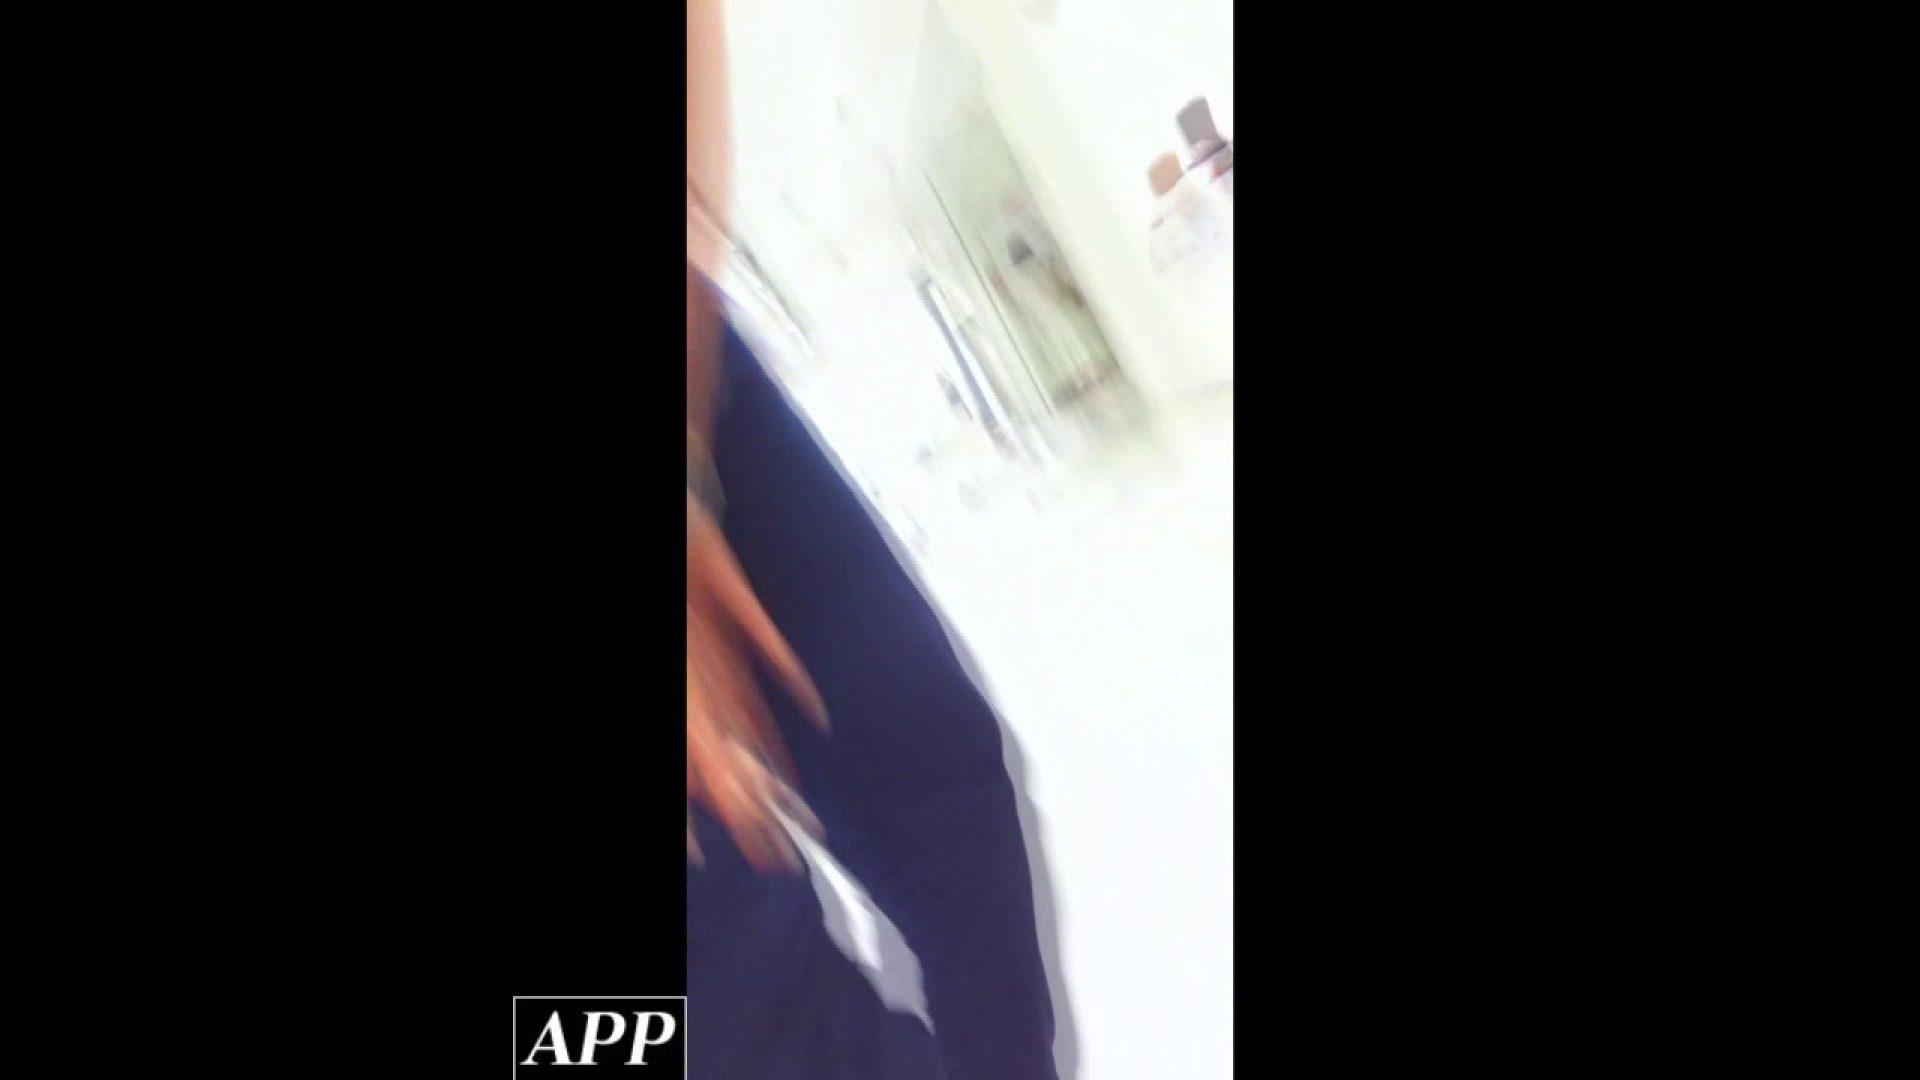 ハイビジョン盗撮!ショップ店員千人斬り!胸チラ編 vol.89 チクビ編 のぞき動画キャプチャ 93PIX 14